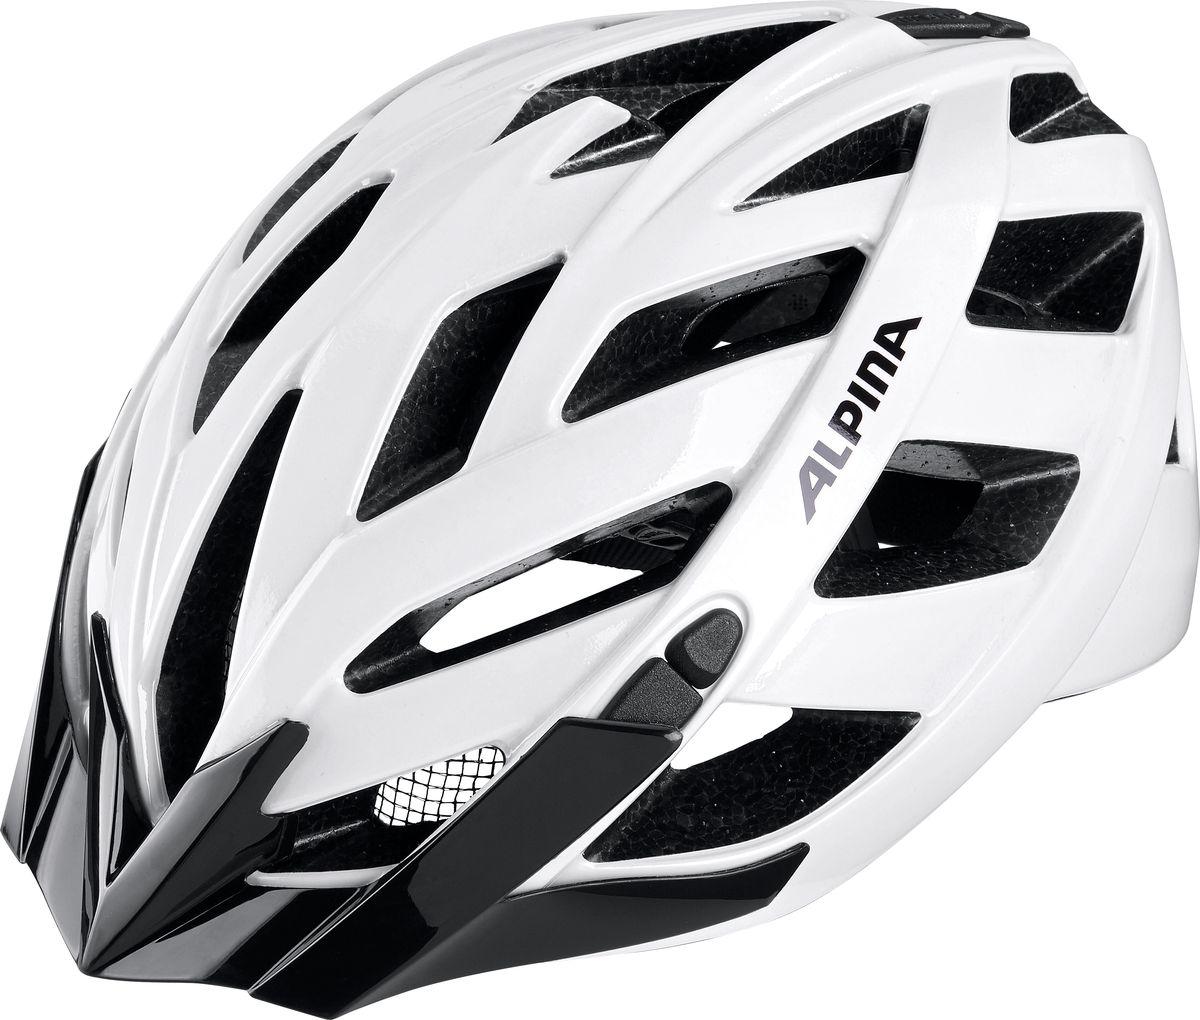 Шлем летний Alpina Panoma Classic, цвет: белый. Размер 56-59A9703110Шлем летний Alpina Panoma Classic- это классический универсальный велосипедный шлем с превосходной посадкой. Panoma - верный компаньон в ежедневных поездках до работы и выездов по выходным. 23 вентиляционных отверстия.Безопасность:Оболочка Inmold Производственный процесс заключается в нагревании до высокой температуры внешней поликарбонатной оболочки и запекании ее на EPS-тело шлема под высоким давлением. Этот процесс создает неразрывную связь по всей поверхности между внутренней и внешней оболочками, благодаря этому шлем получается не только очень легким, но и чрезвычайно стабильным.Hi-EPS Внутренняя оболочка выполнена из Hi-EPS (вспениный полистирол). Этот материал состоит из множества микроскопических воздушных камер, которые эффективно поглощают силу удара. Hi-EPS обеспечивает оптимальную защиту в сочетании с экстратонкими стенками.Ceramic Материал объединяет несколько преимуществ: устойчив к ударам и царапинам, содержит ультрафиолетовые стабилизаторы и антистатичен.Эргономика: Run System Classic Если вы используете свой велосипед для того, чтобы съездить по магазинам, вам не нужна сложная система регулировки. Система подгонки Run System Classic отвечает этим требованиям красивым, простым и надежным колесом регулировки. Система Run System Classic проста в использовании и держит шлем надежно, там где он должен быть - на голове.Y-Clip Шлем может обеспечить правильную защиту, только если он остается на месте в случае удара. Крепление, которое соединяет две полоски под ухом имеет решающее значение в этом случае. Система Y-Clip Alpina гарантирует идеальную подгонку до последнего миллиметра за считанные секунды.Ergomatic Проверенная бесчисленное количество раз, эта пряжка используется во всех шлемах Alpina. Из особенностей: красная кнопка приводящая в действие механизм автоматической многоступенчатой регулировки. Пряжку можно расстегнуть или застегнуть одной рукой, так, например, вы можете ослабить ре